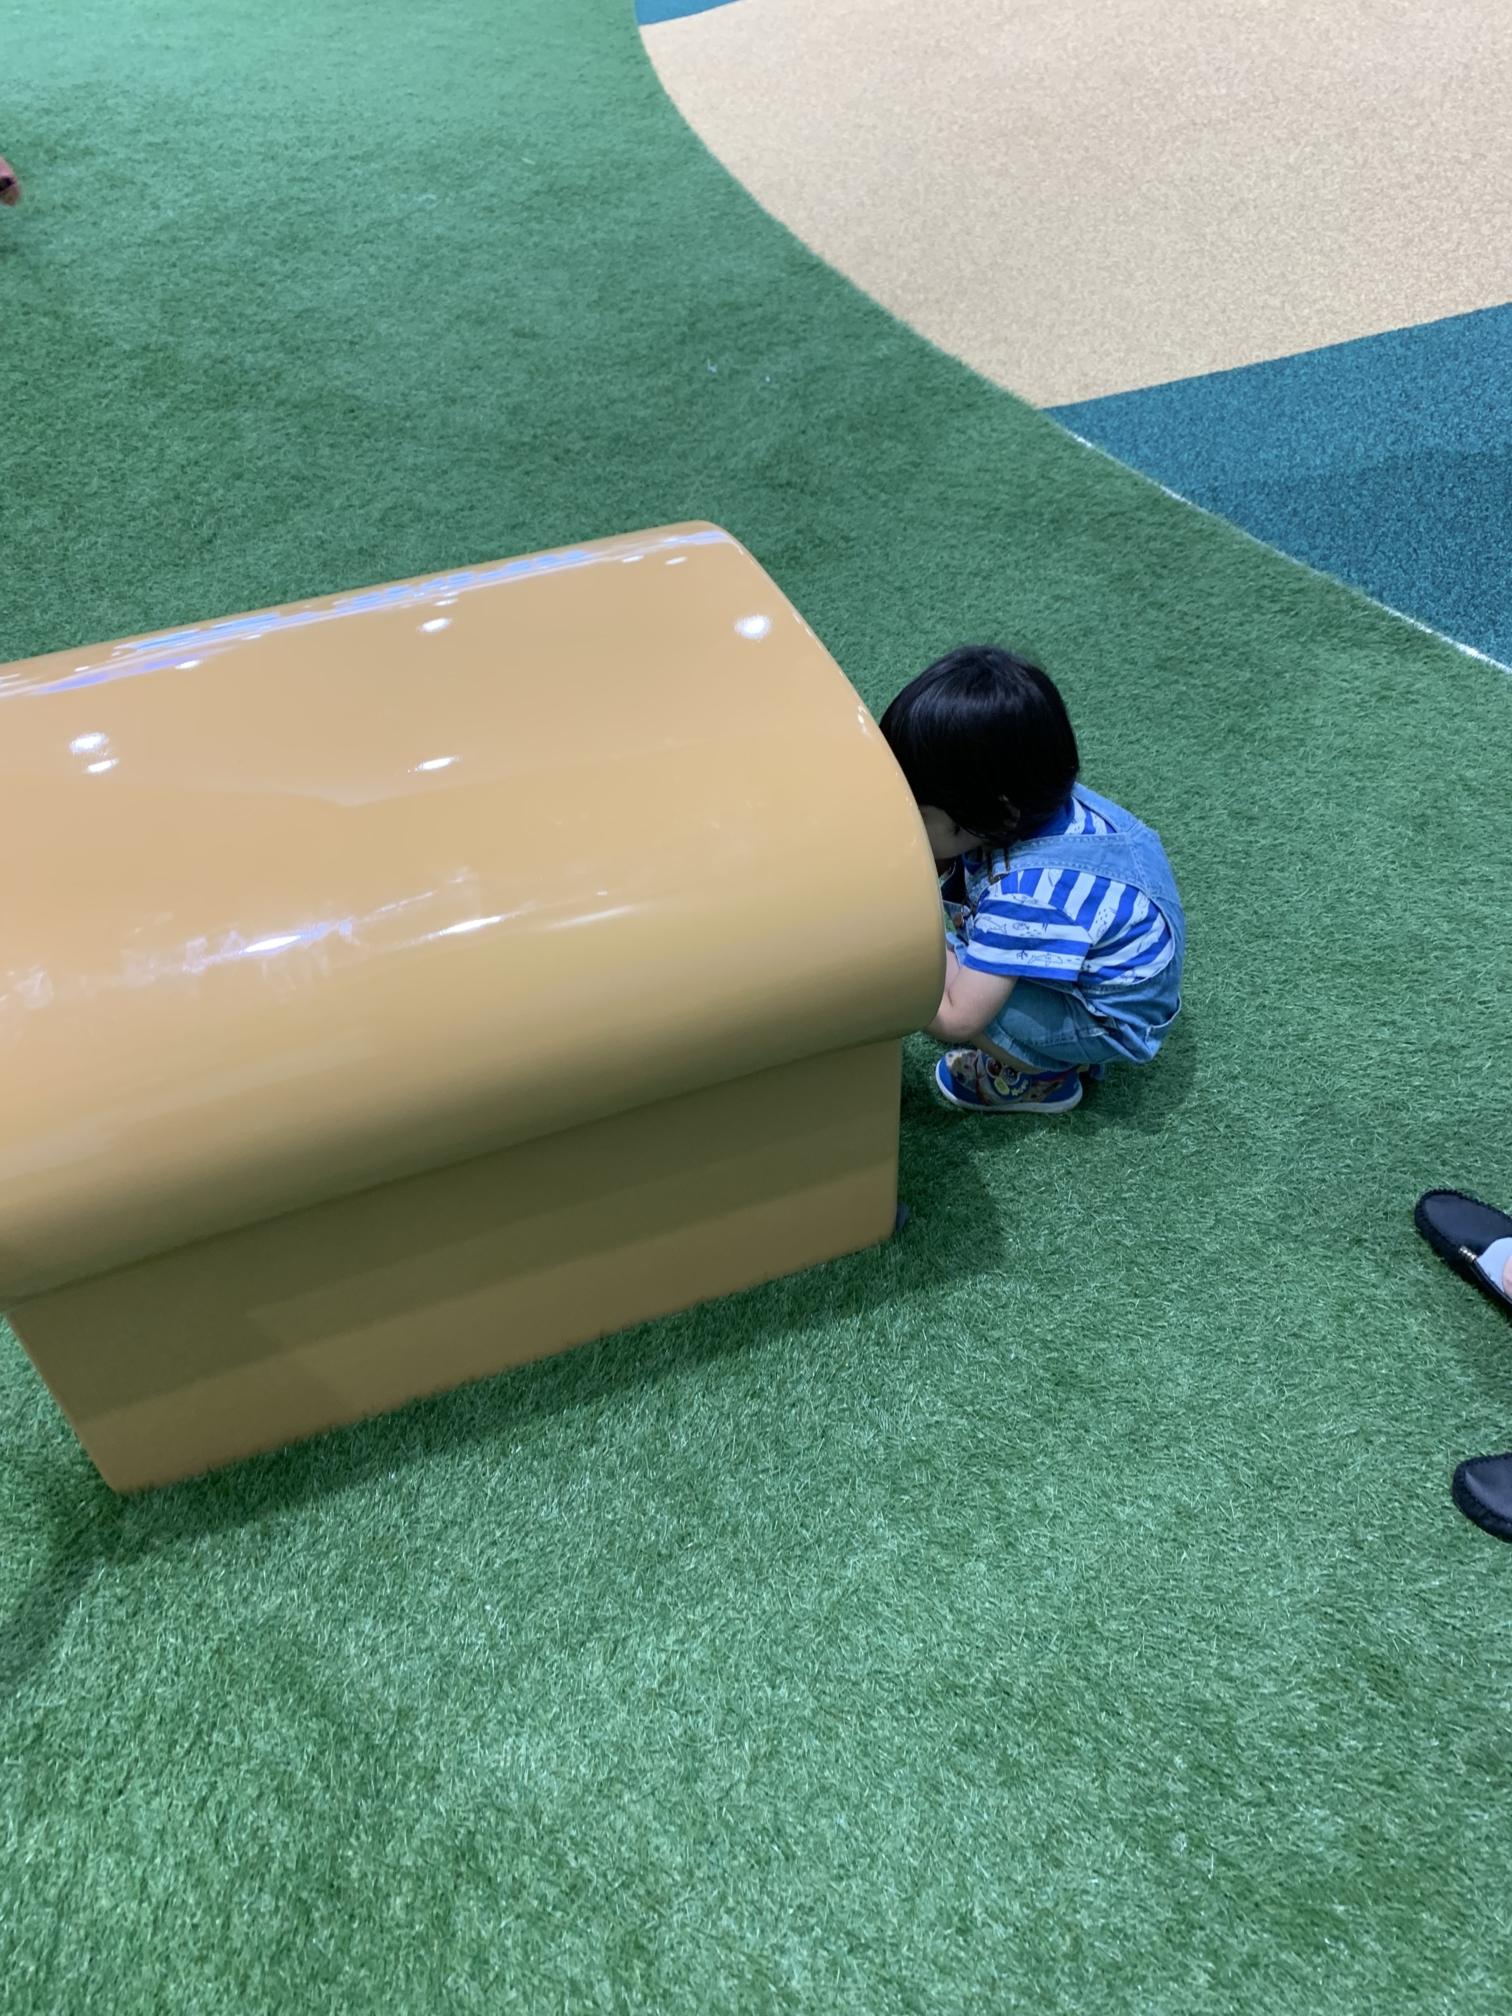 横浜アンパンマンミュージアム【パンに入る1】